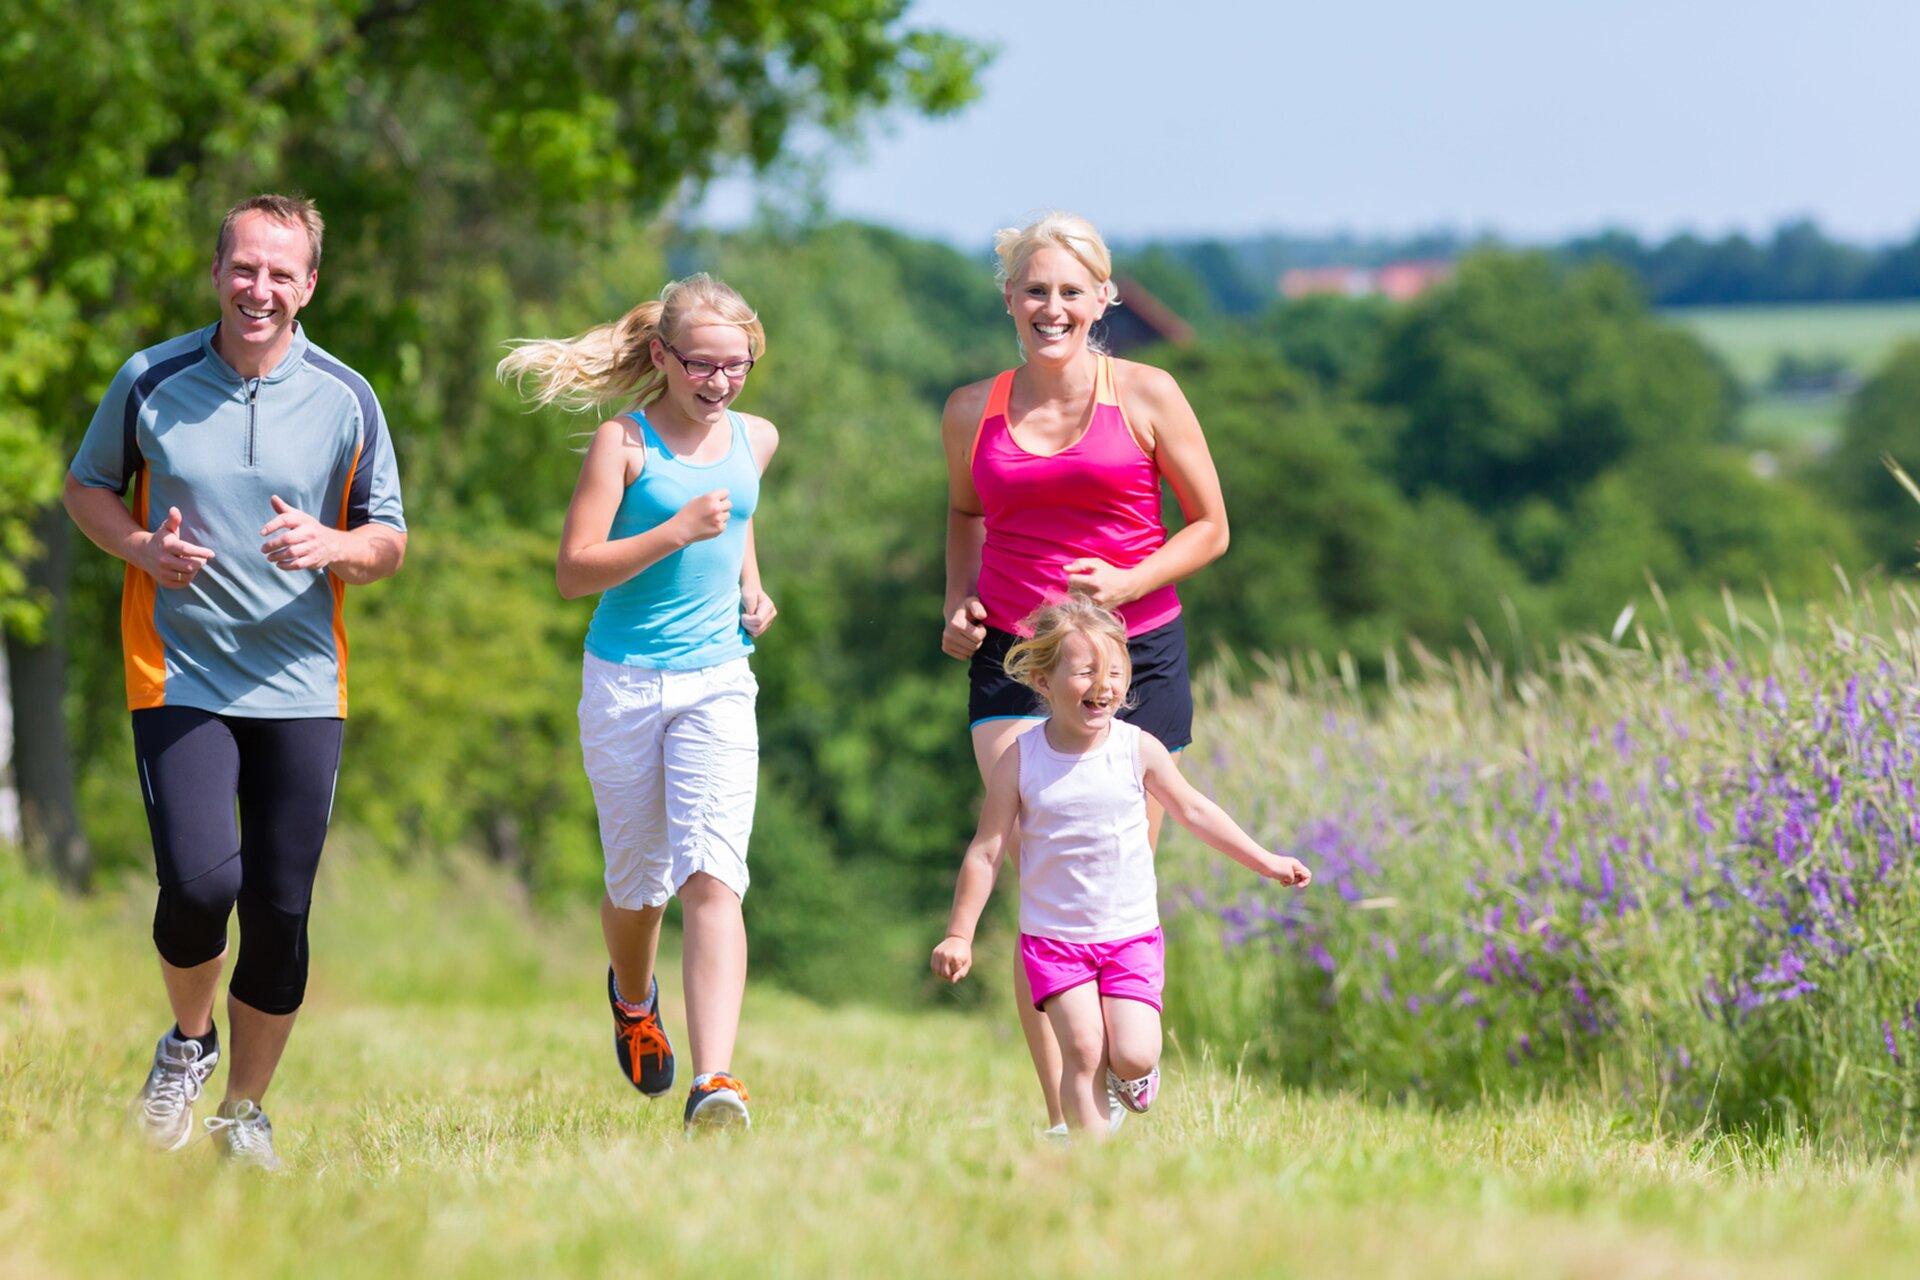 Fotografia przedstawia cztery uśmiechnięte osoby biegające po łące. Mężczyzna, dwie dziewczynki ikobieta są wyposażeni wsportowe obuwie ikrótkie ubranie do joggingu. Biegną po nasłonecznionej łące, wdłuż pola pokrytego zbożem, przeplatanym błękitnymi kwiatami. Na drugim planie drzewa zbujnymi koronami, pełnymi zielonych liści.